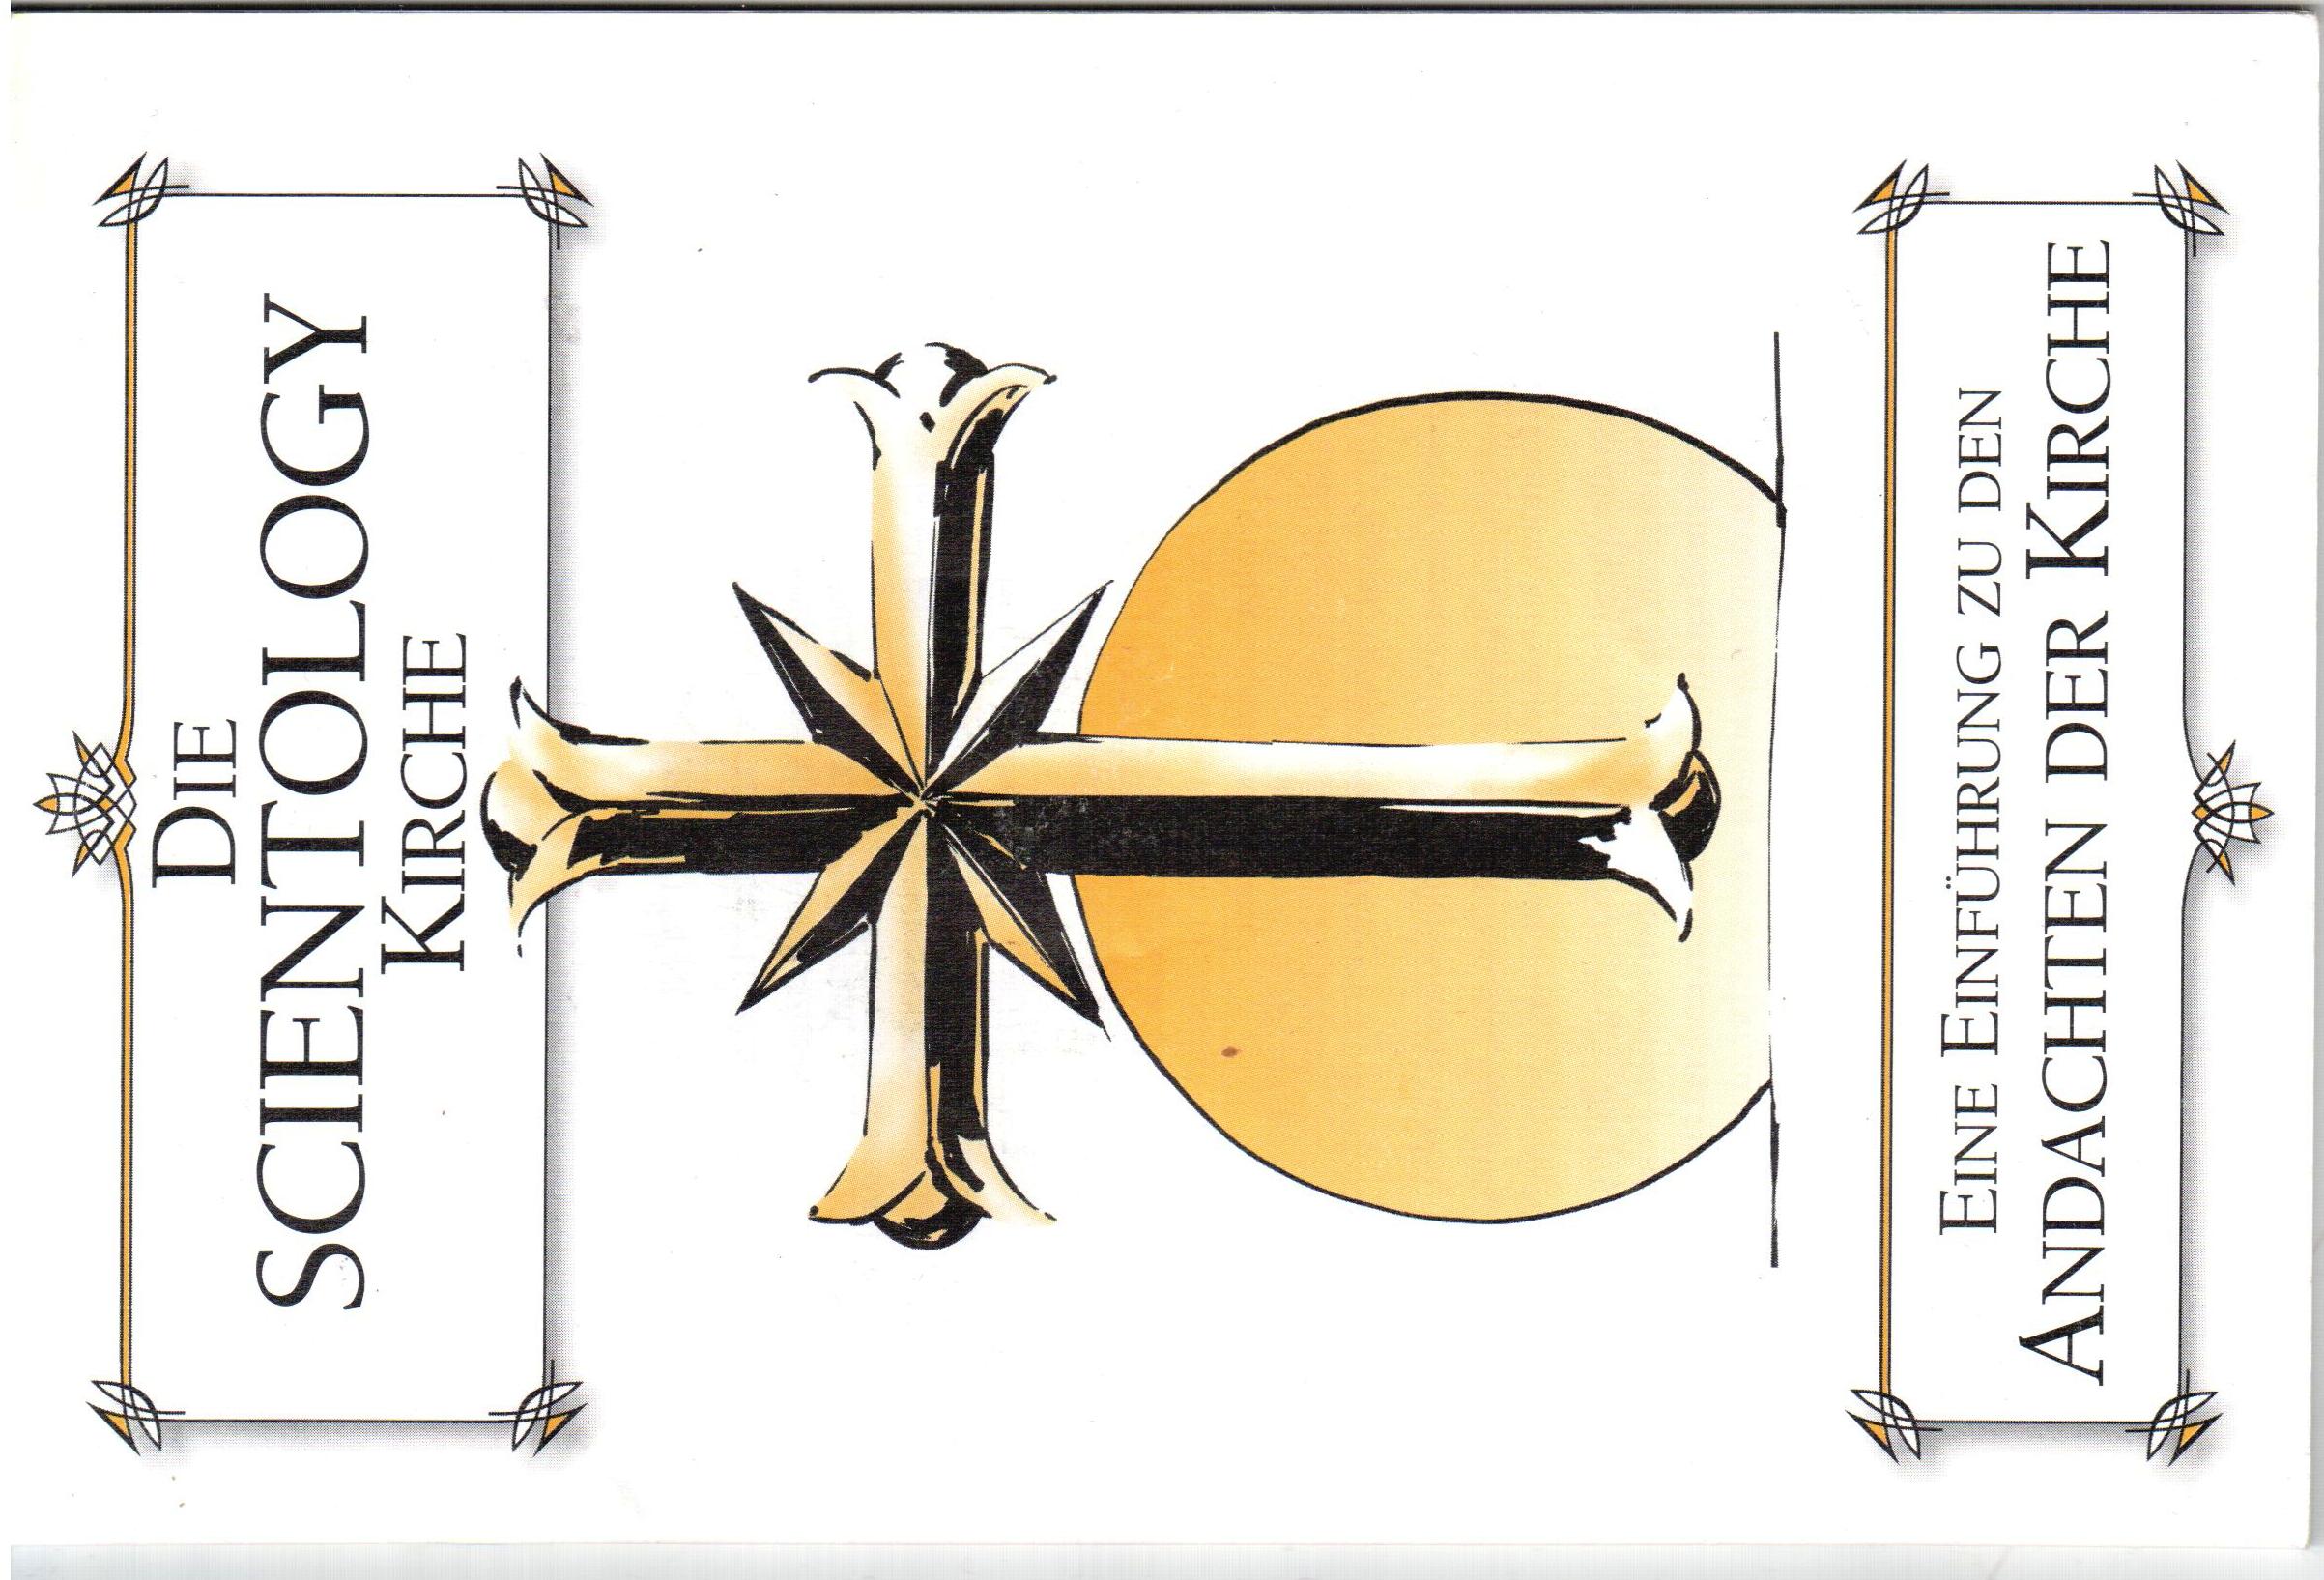 Tonic - Einmal Scientology Und Zurück Gelbe Sthle Passen Zu Welcher Kche